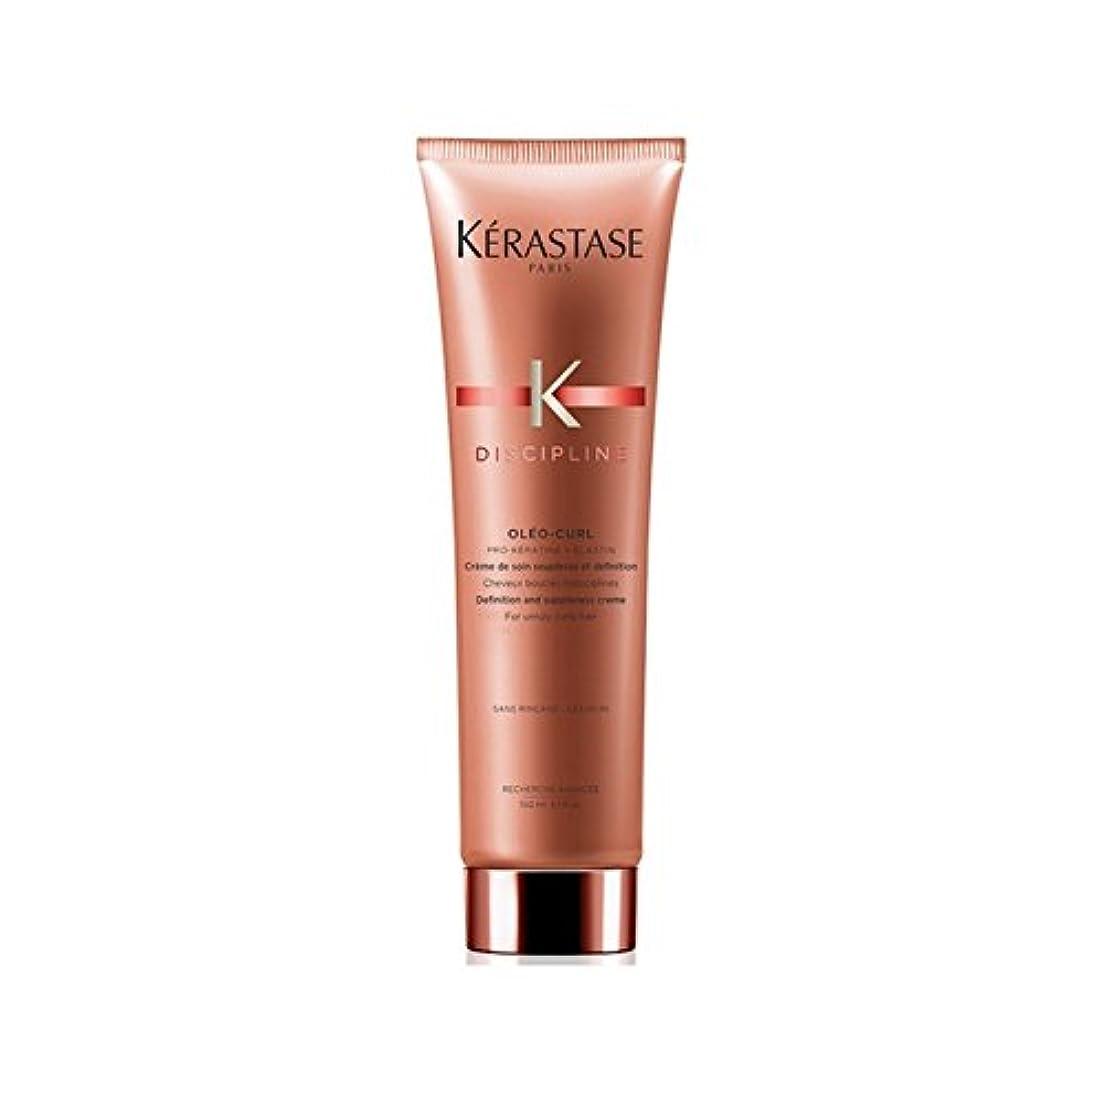 偉業機構束理想的なクレンジングコンディショナー400ミリリットルカールケラスターゼの規律 x4 - K?rastase Discipline Curl Ideal Cleansing Conditioner 400ml (Pack...